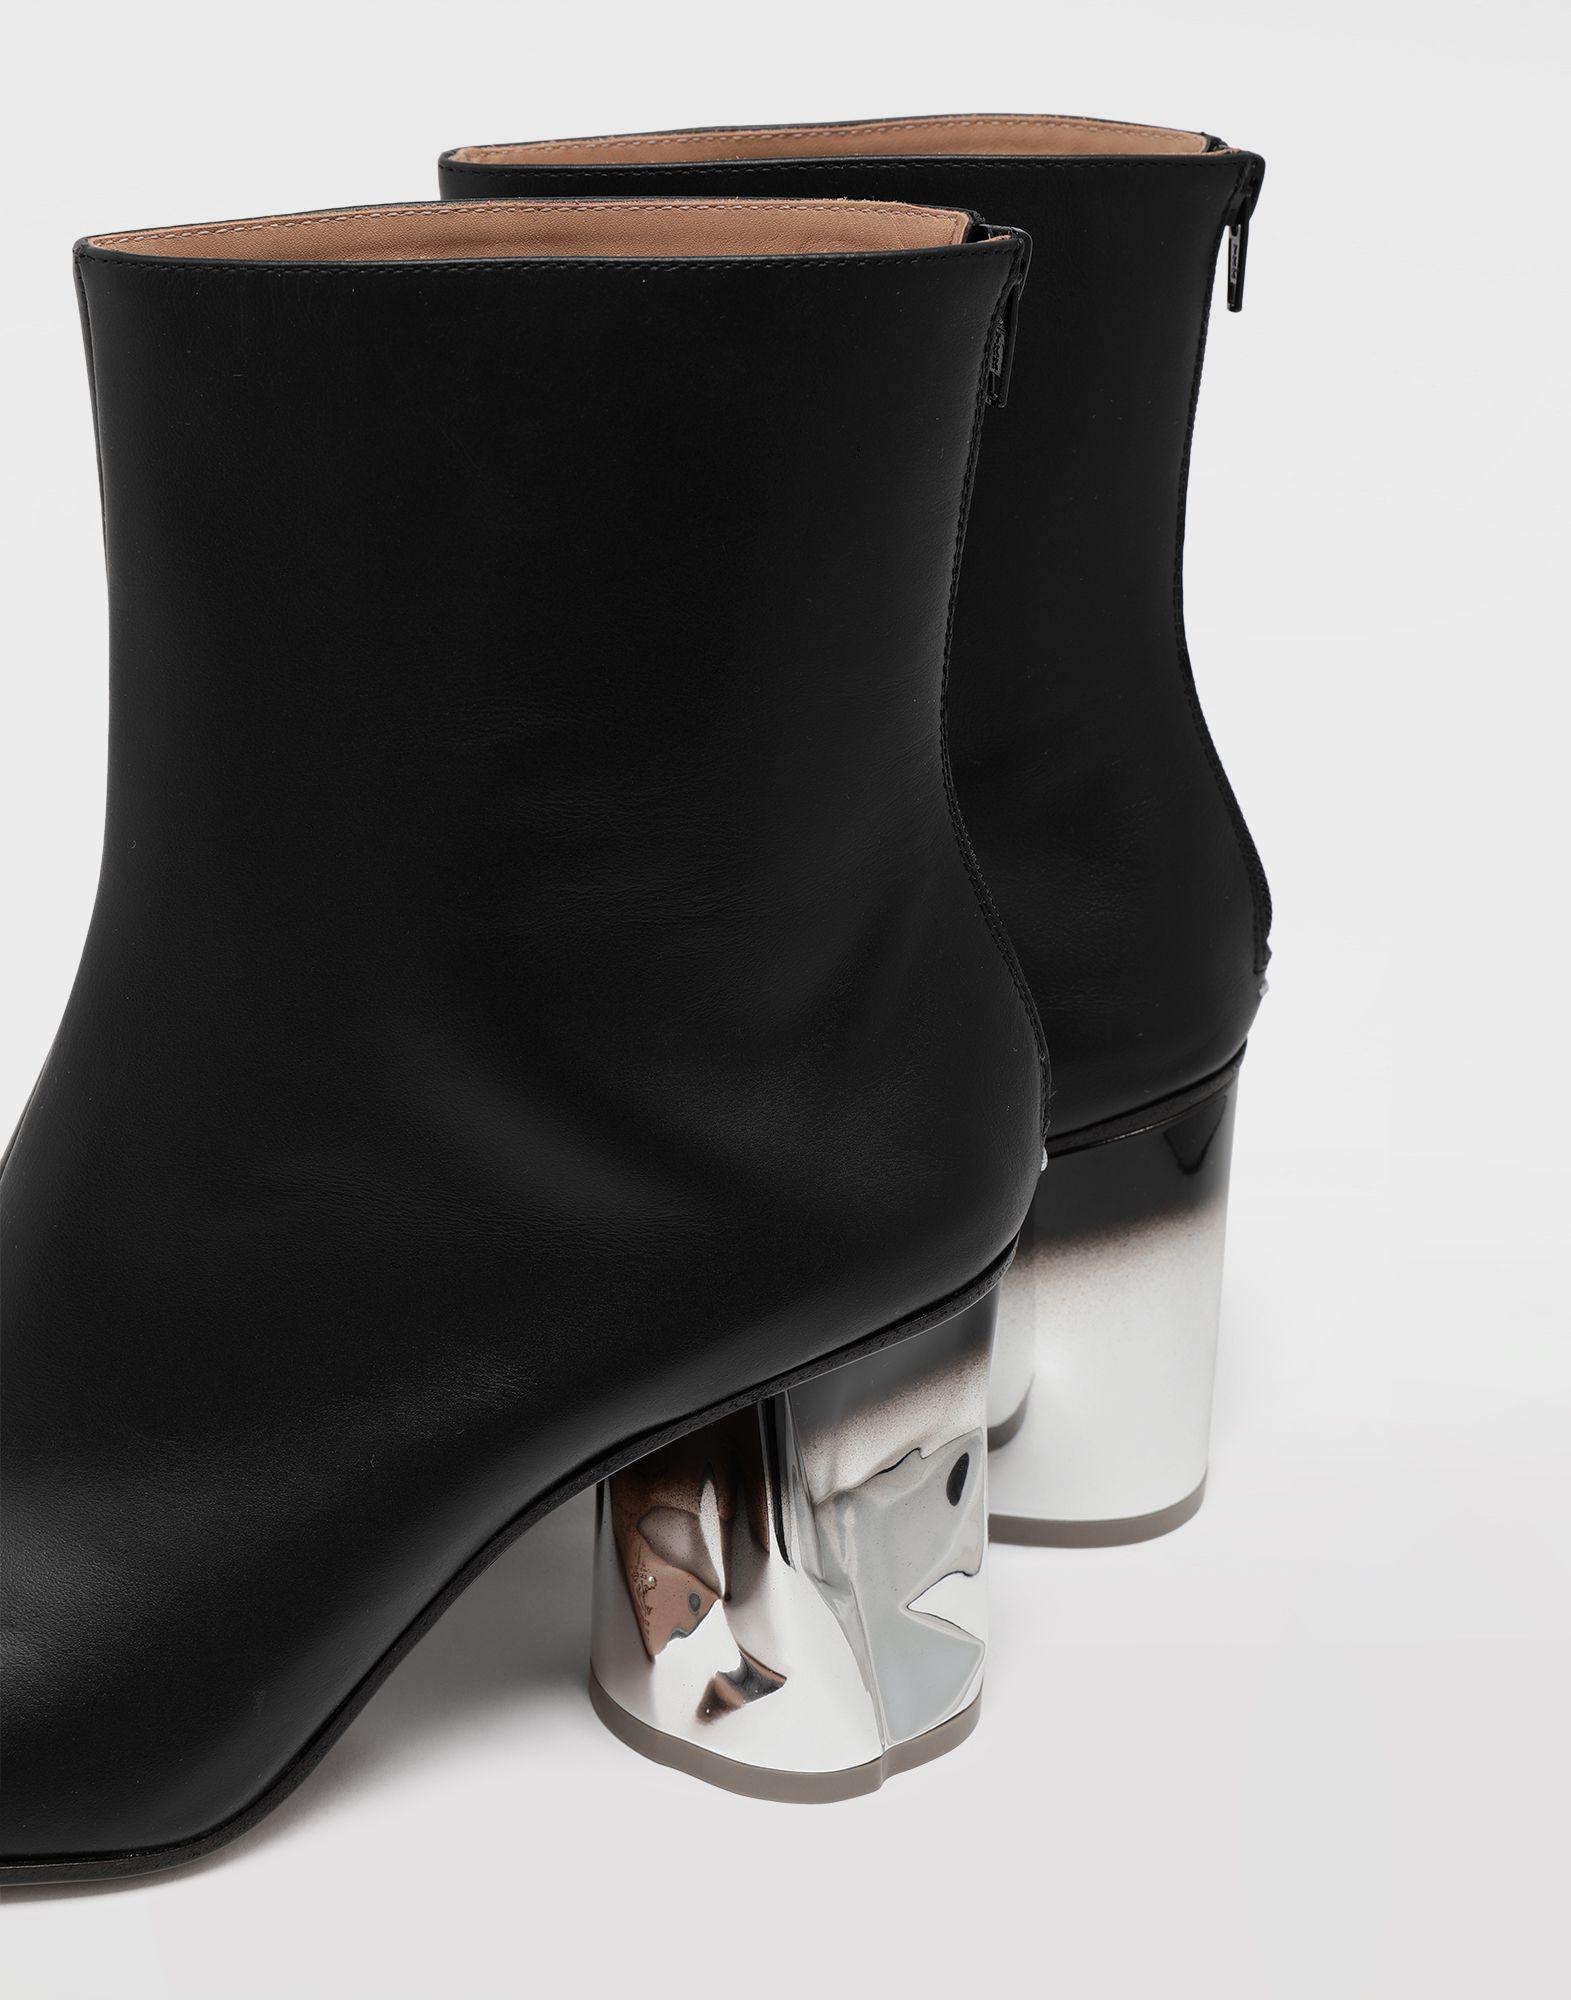 MAISON MARGIELA Trompe-l'œil calfskin boots Ankle boots Woman a